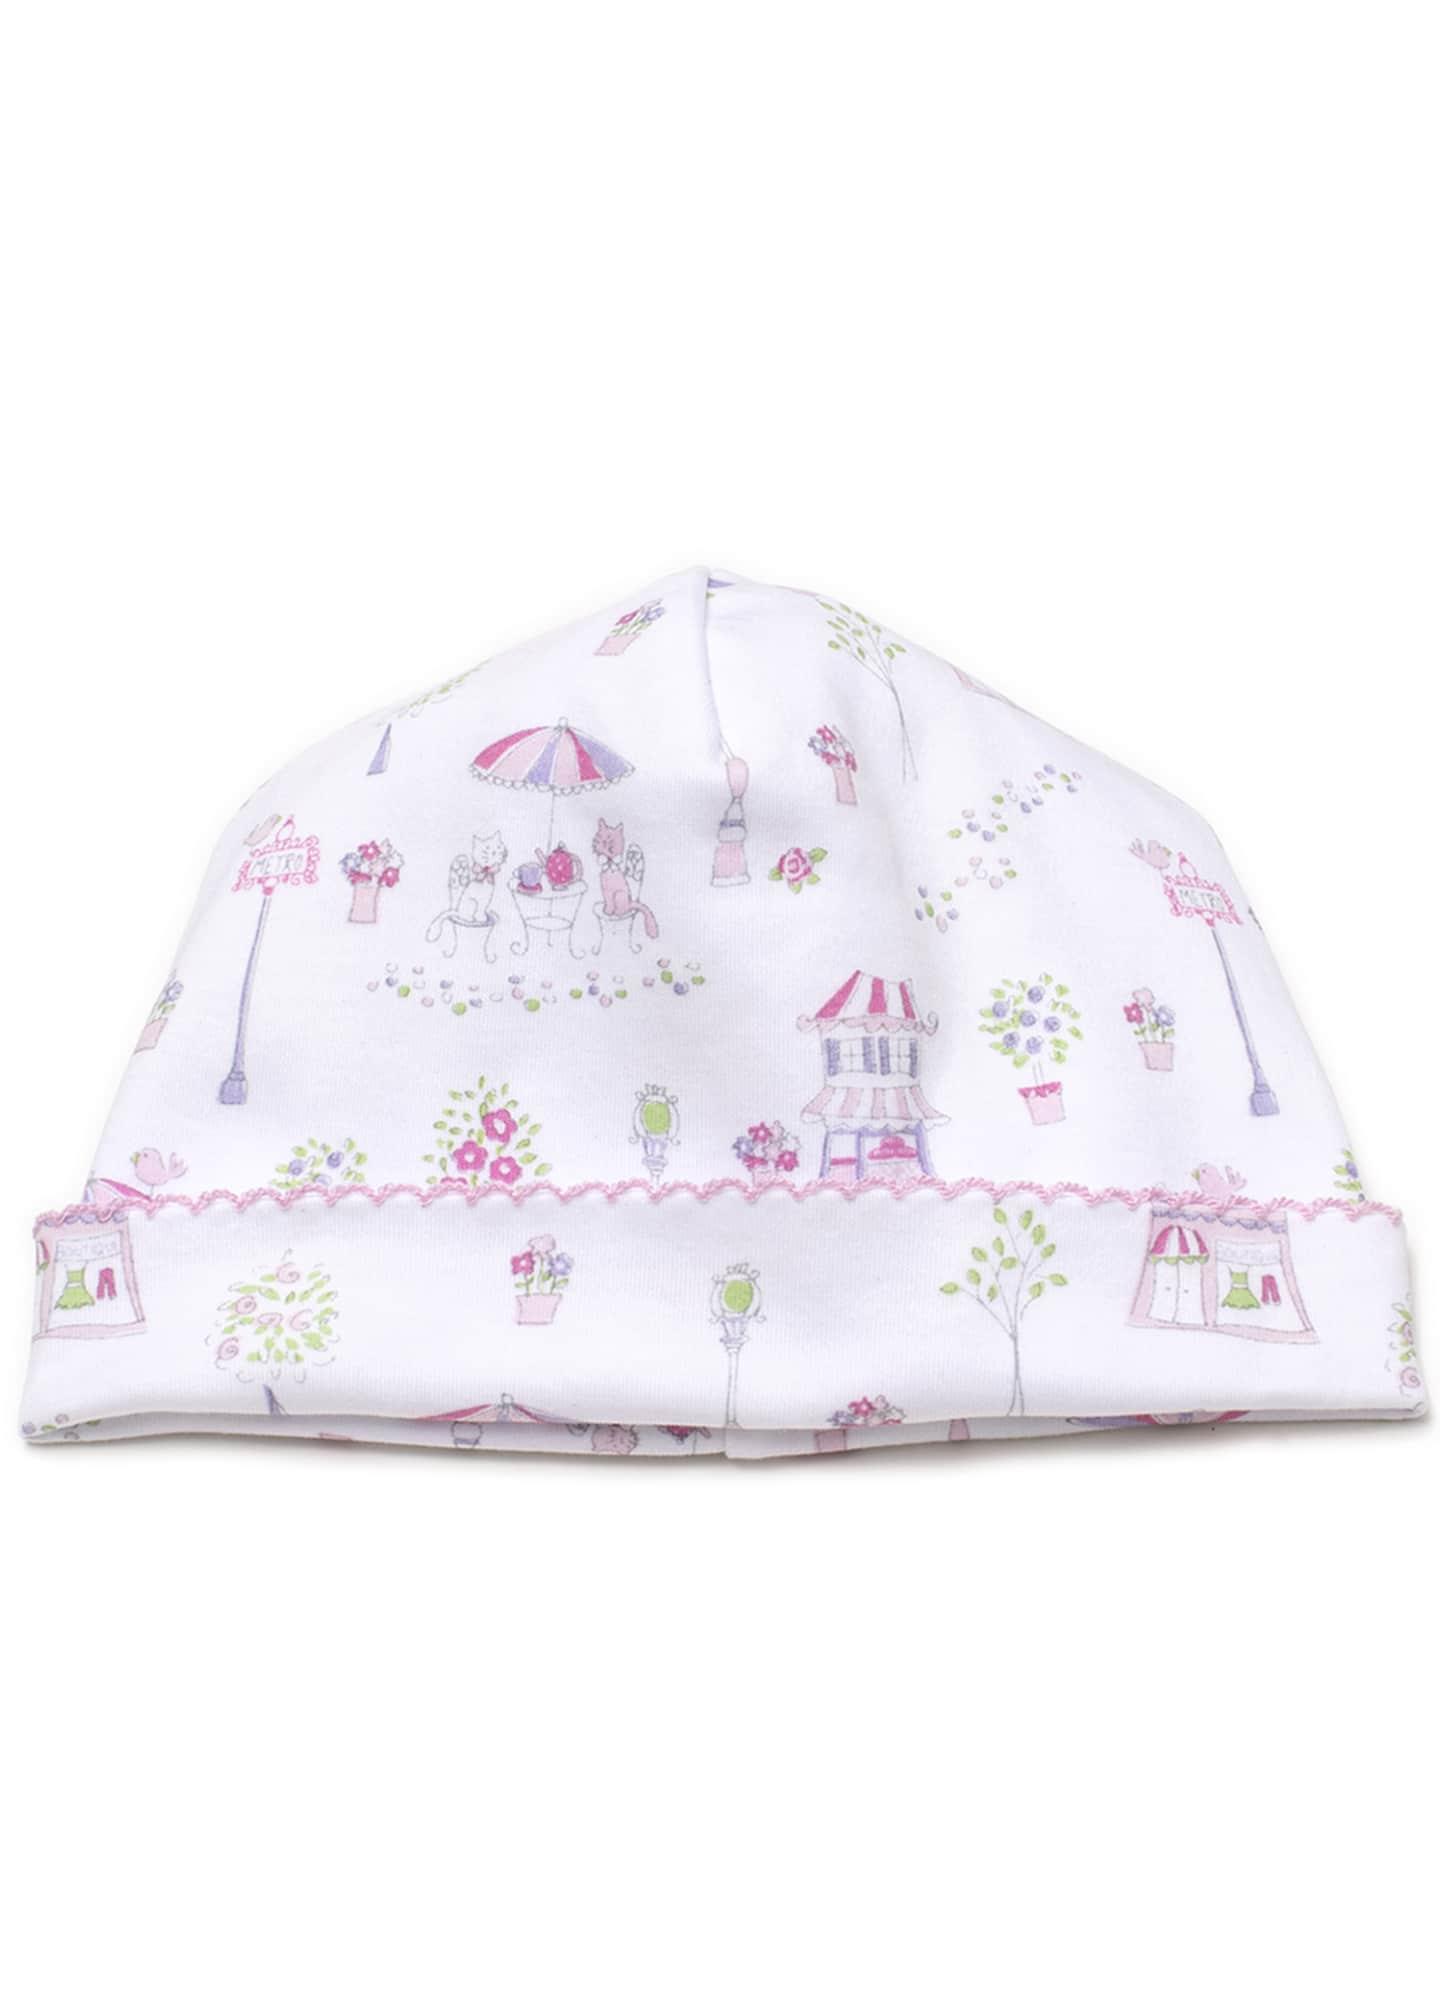 Kissy Kissy Girls' Parisian Promenade Hat, Newborn -